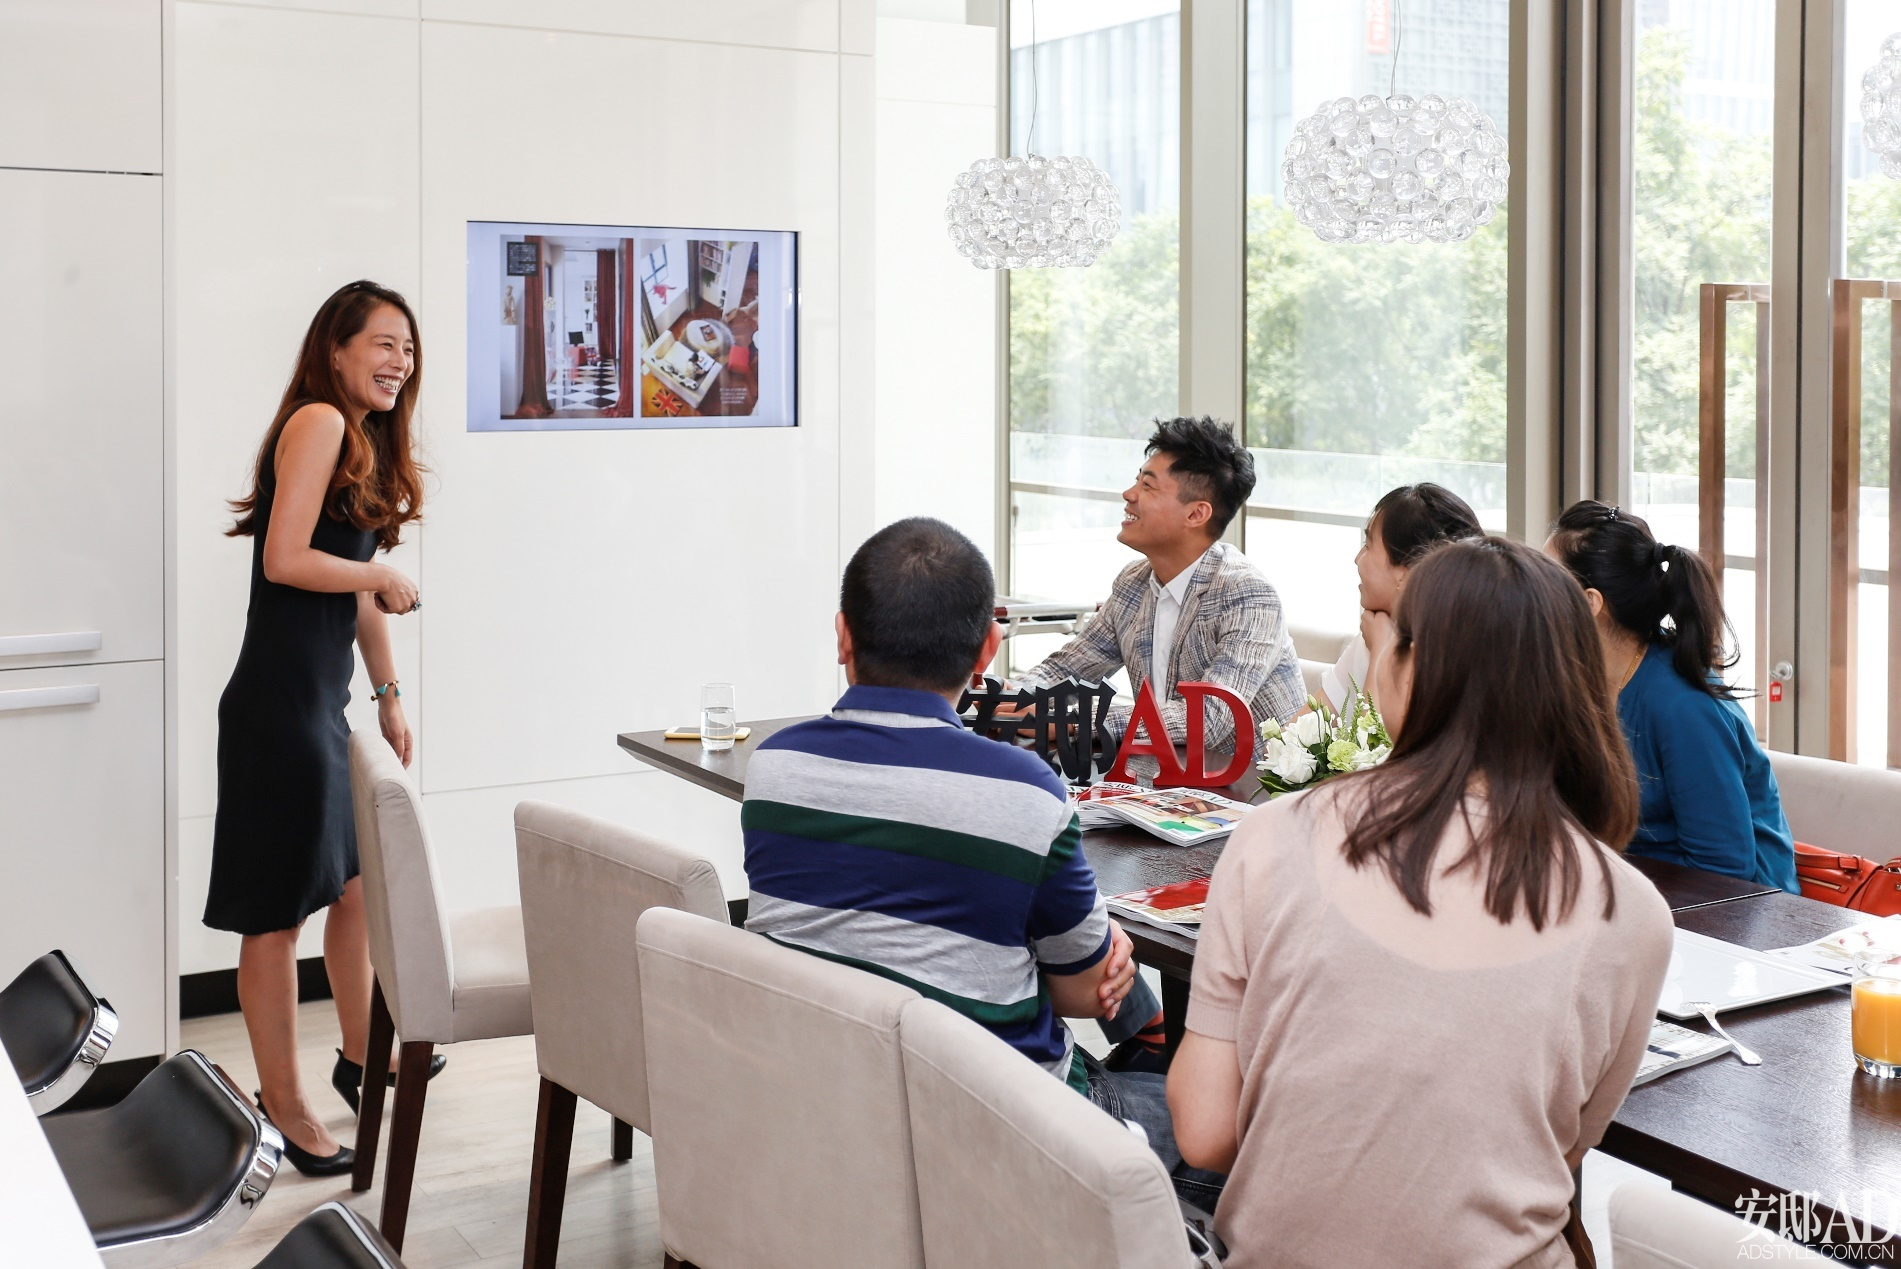 著名设计师陈暄的生动演讲,使整个活动氛围轻松愉悦,让大家对厨房的